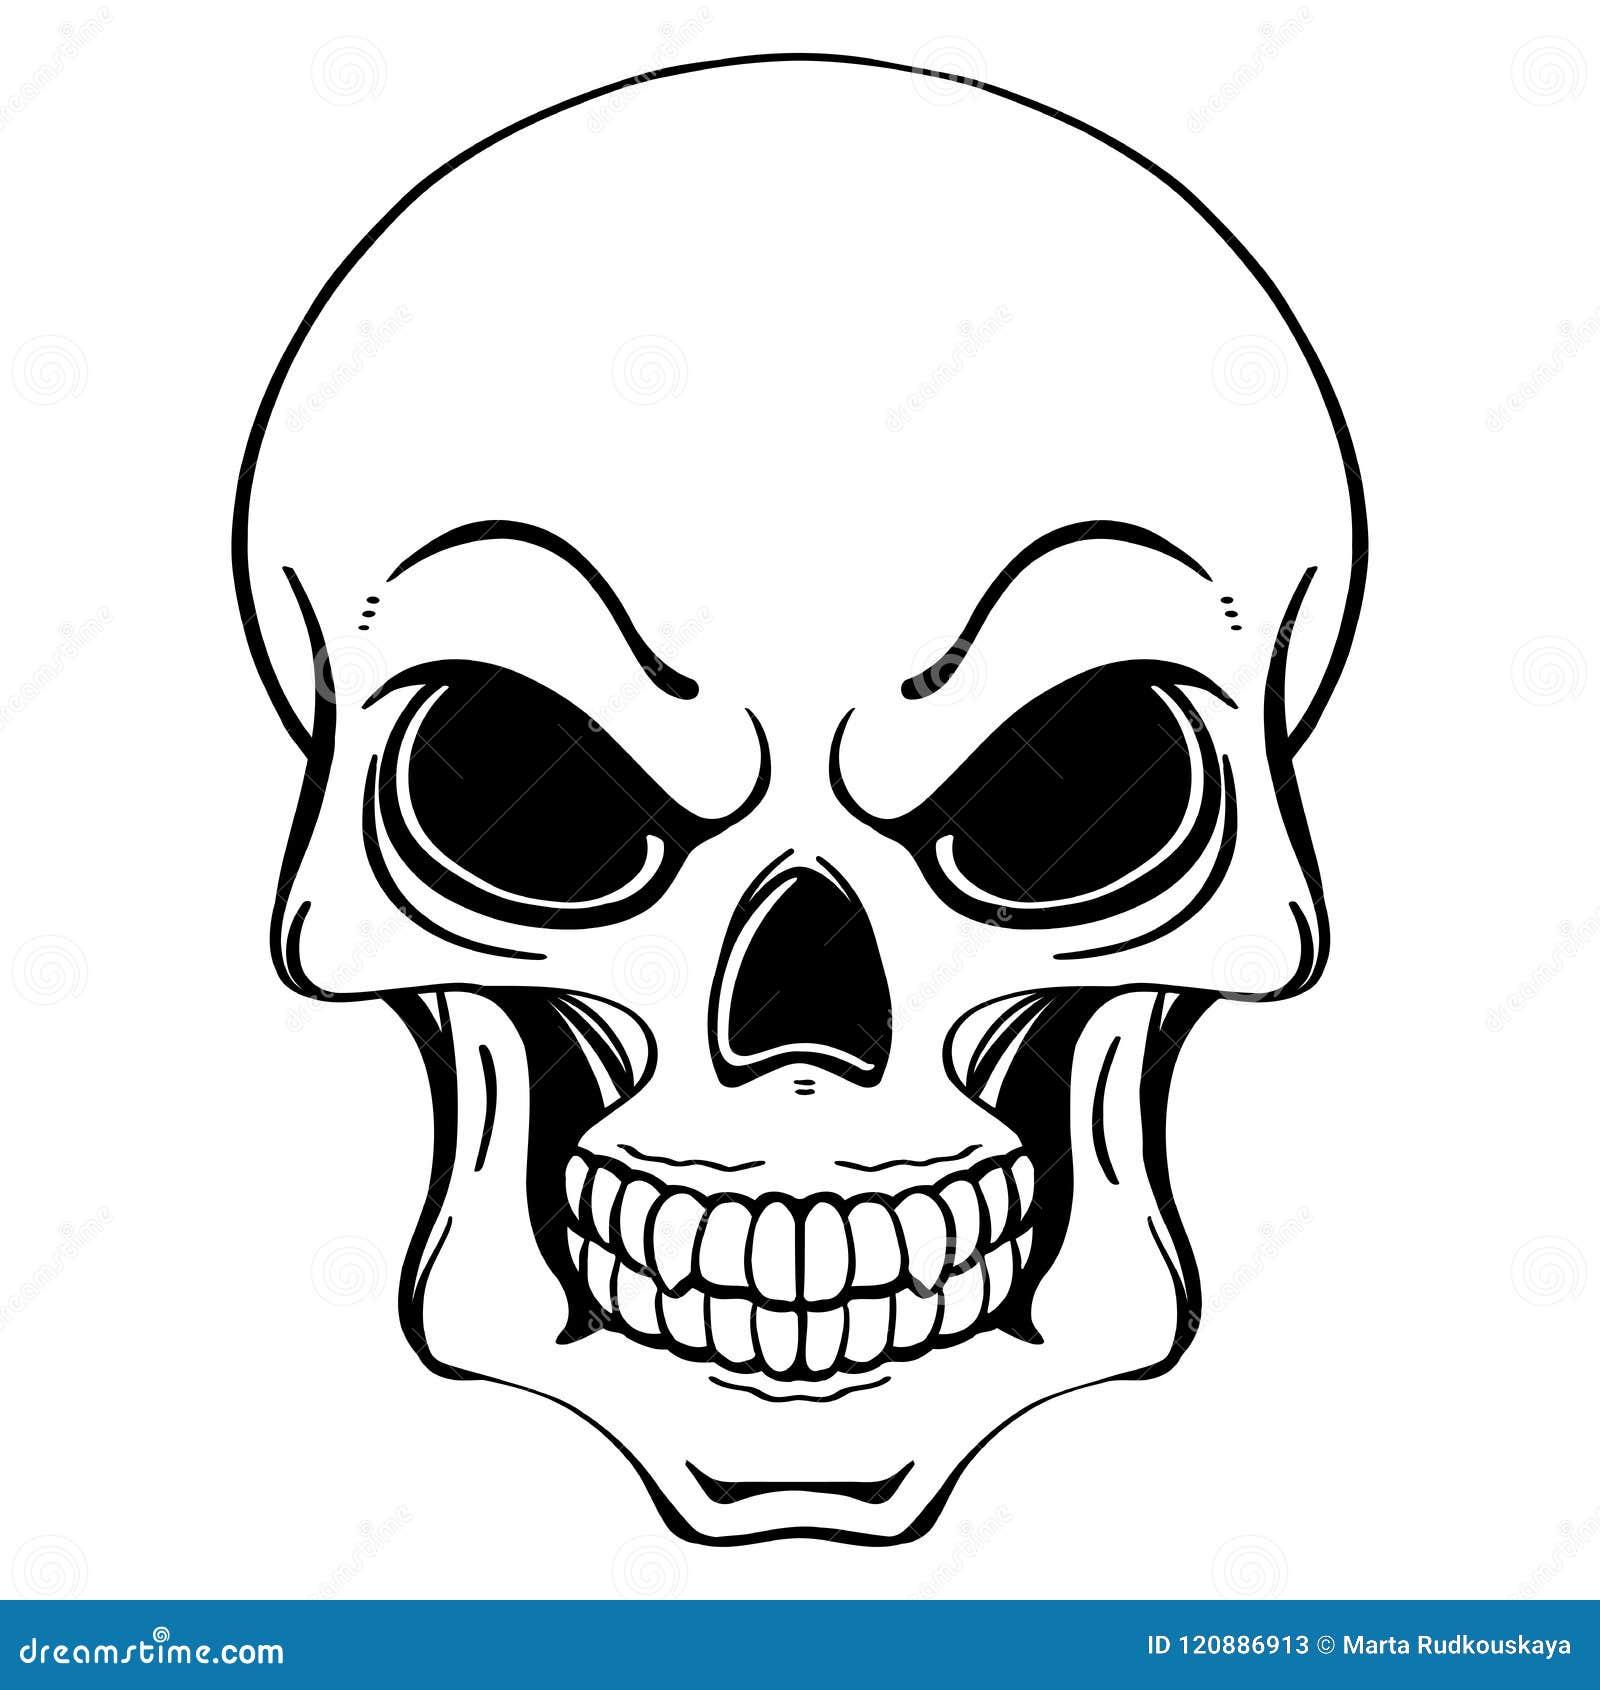 Czarny i biały ilustracja ludzka czaszka w atramentu ręka rysującym stylu